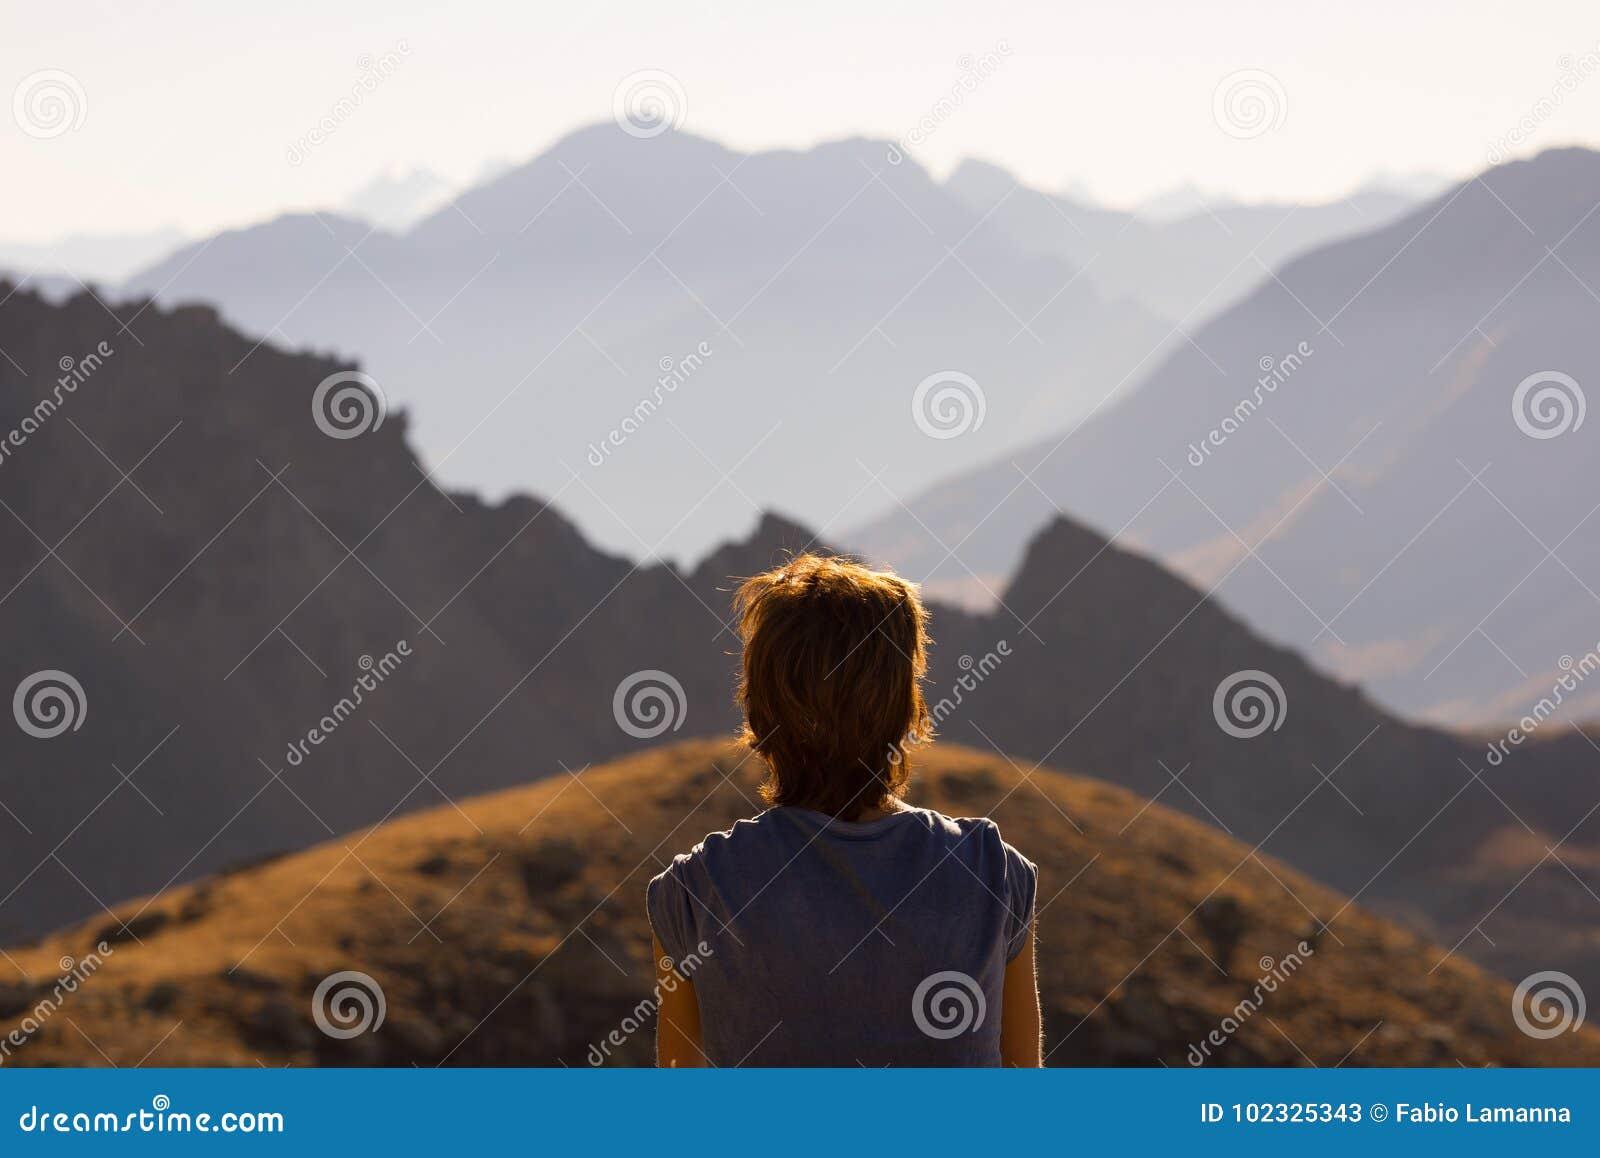 En person som ser sikten som är hög upp på fjällängarna Expasive landskap, idyllisk sikt på solnedgången isolated rear view white